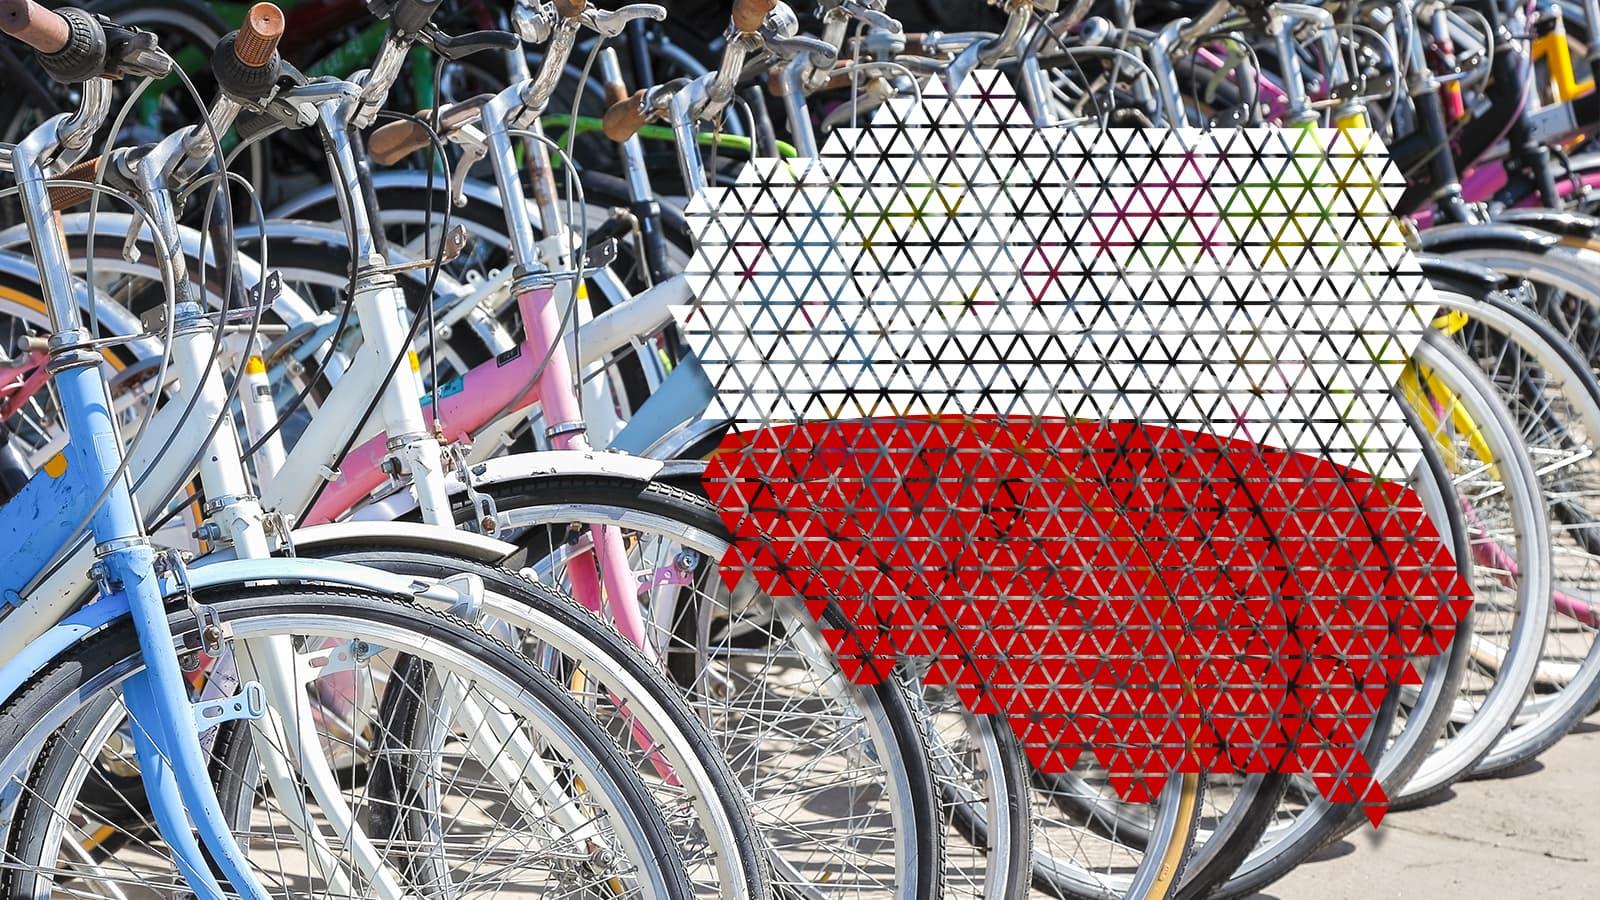 Miał być milion samochodów elektrycznych, a jest milion rowerów! Polska jednym z europejskich liderów